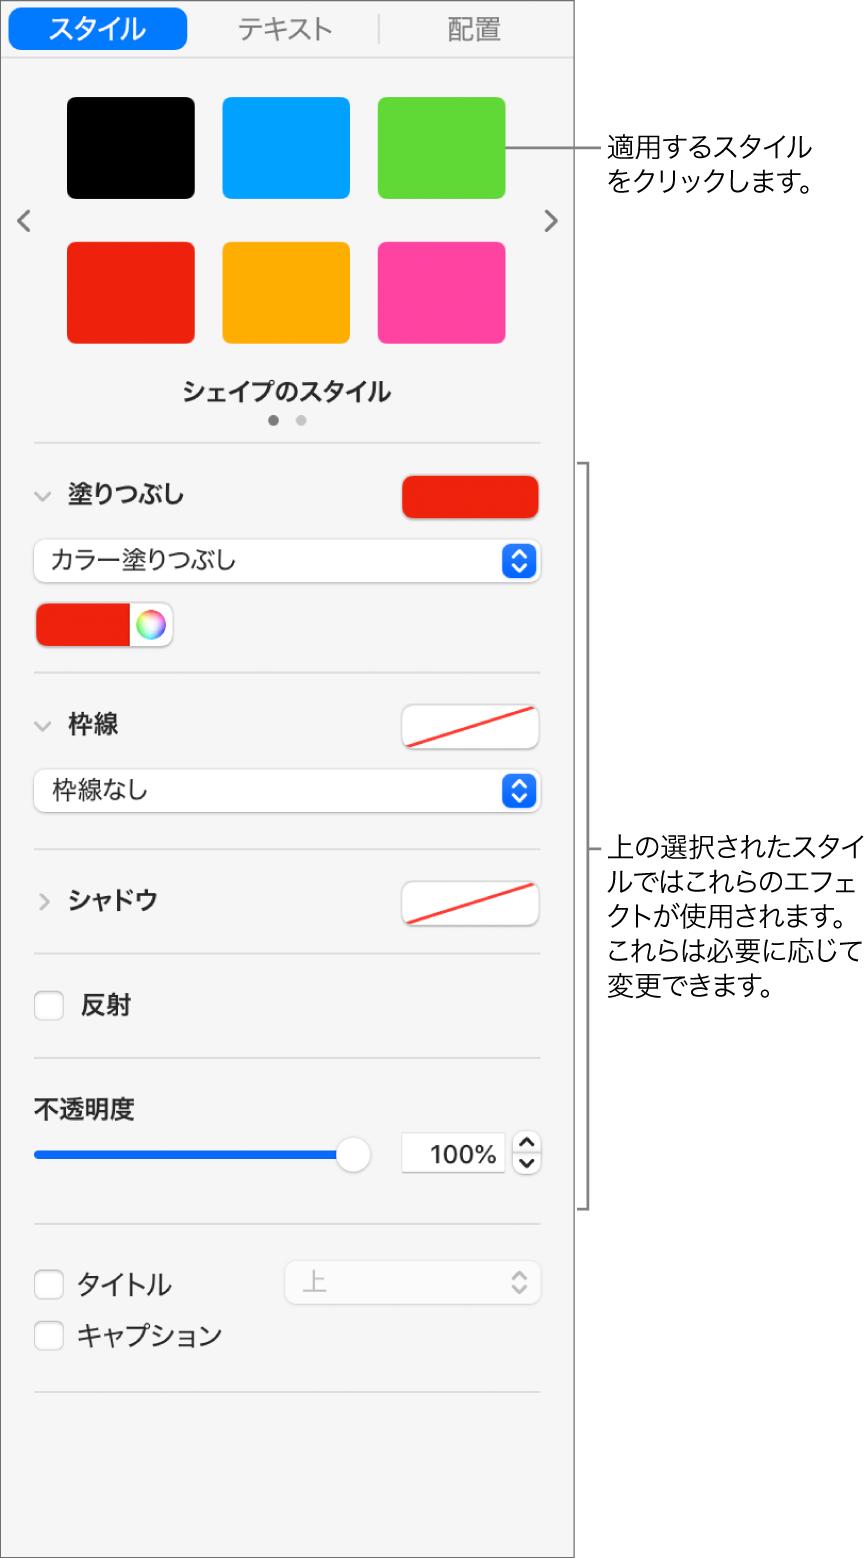 サイドバーの「フォーマット」セクションに表示されている図形のスタイルとオプション。